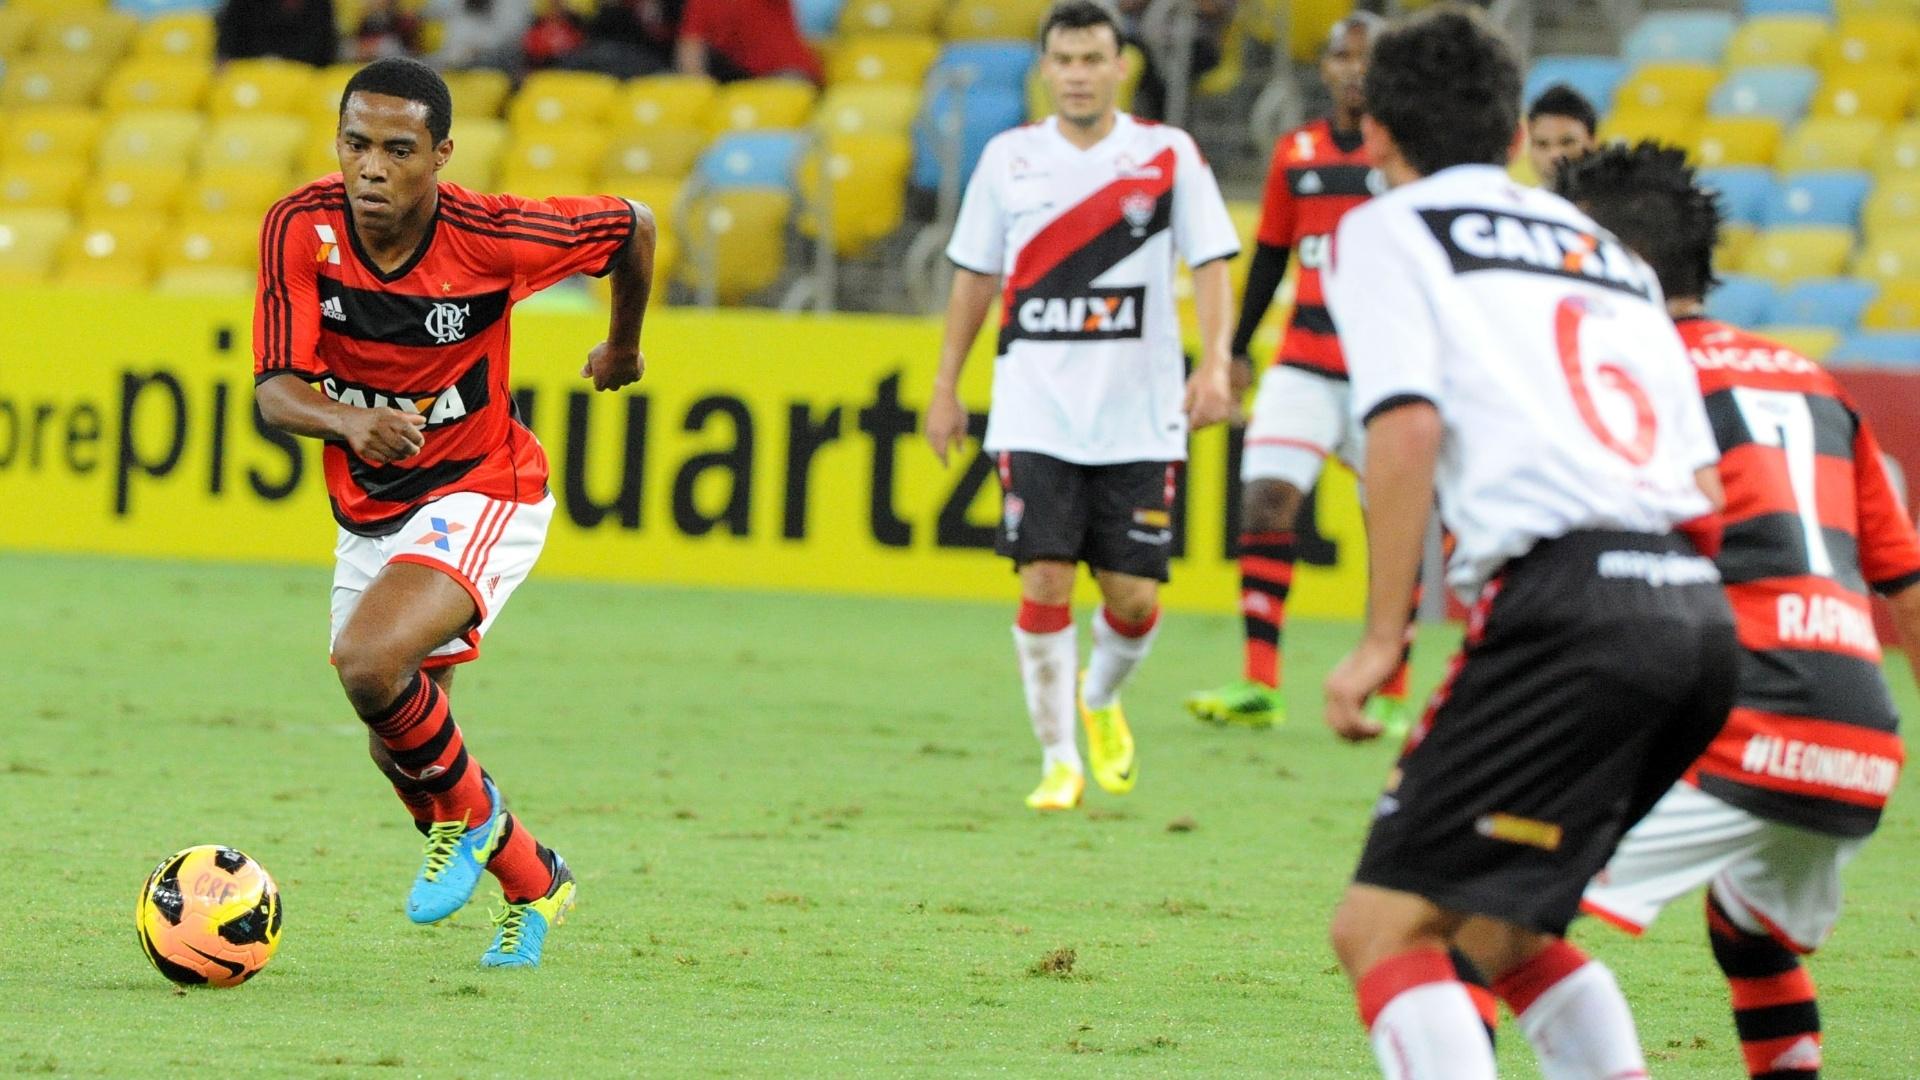 04.set.2013 - Elias, volante do Flamengo, tenta jogada em jogo contra o Vitória